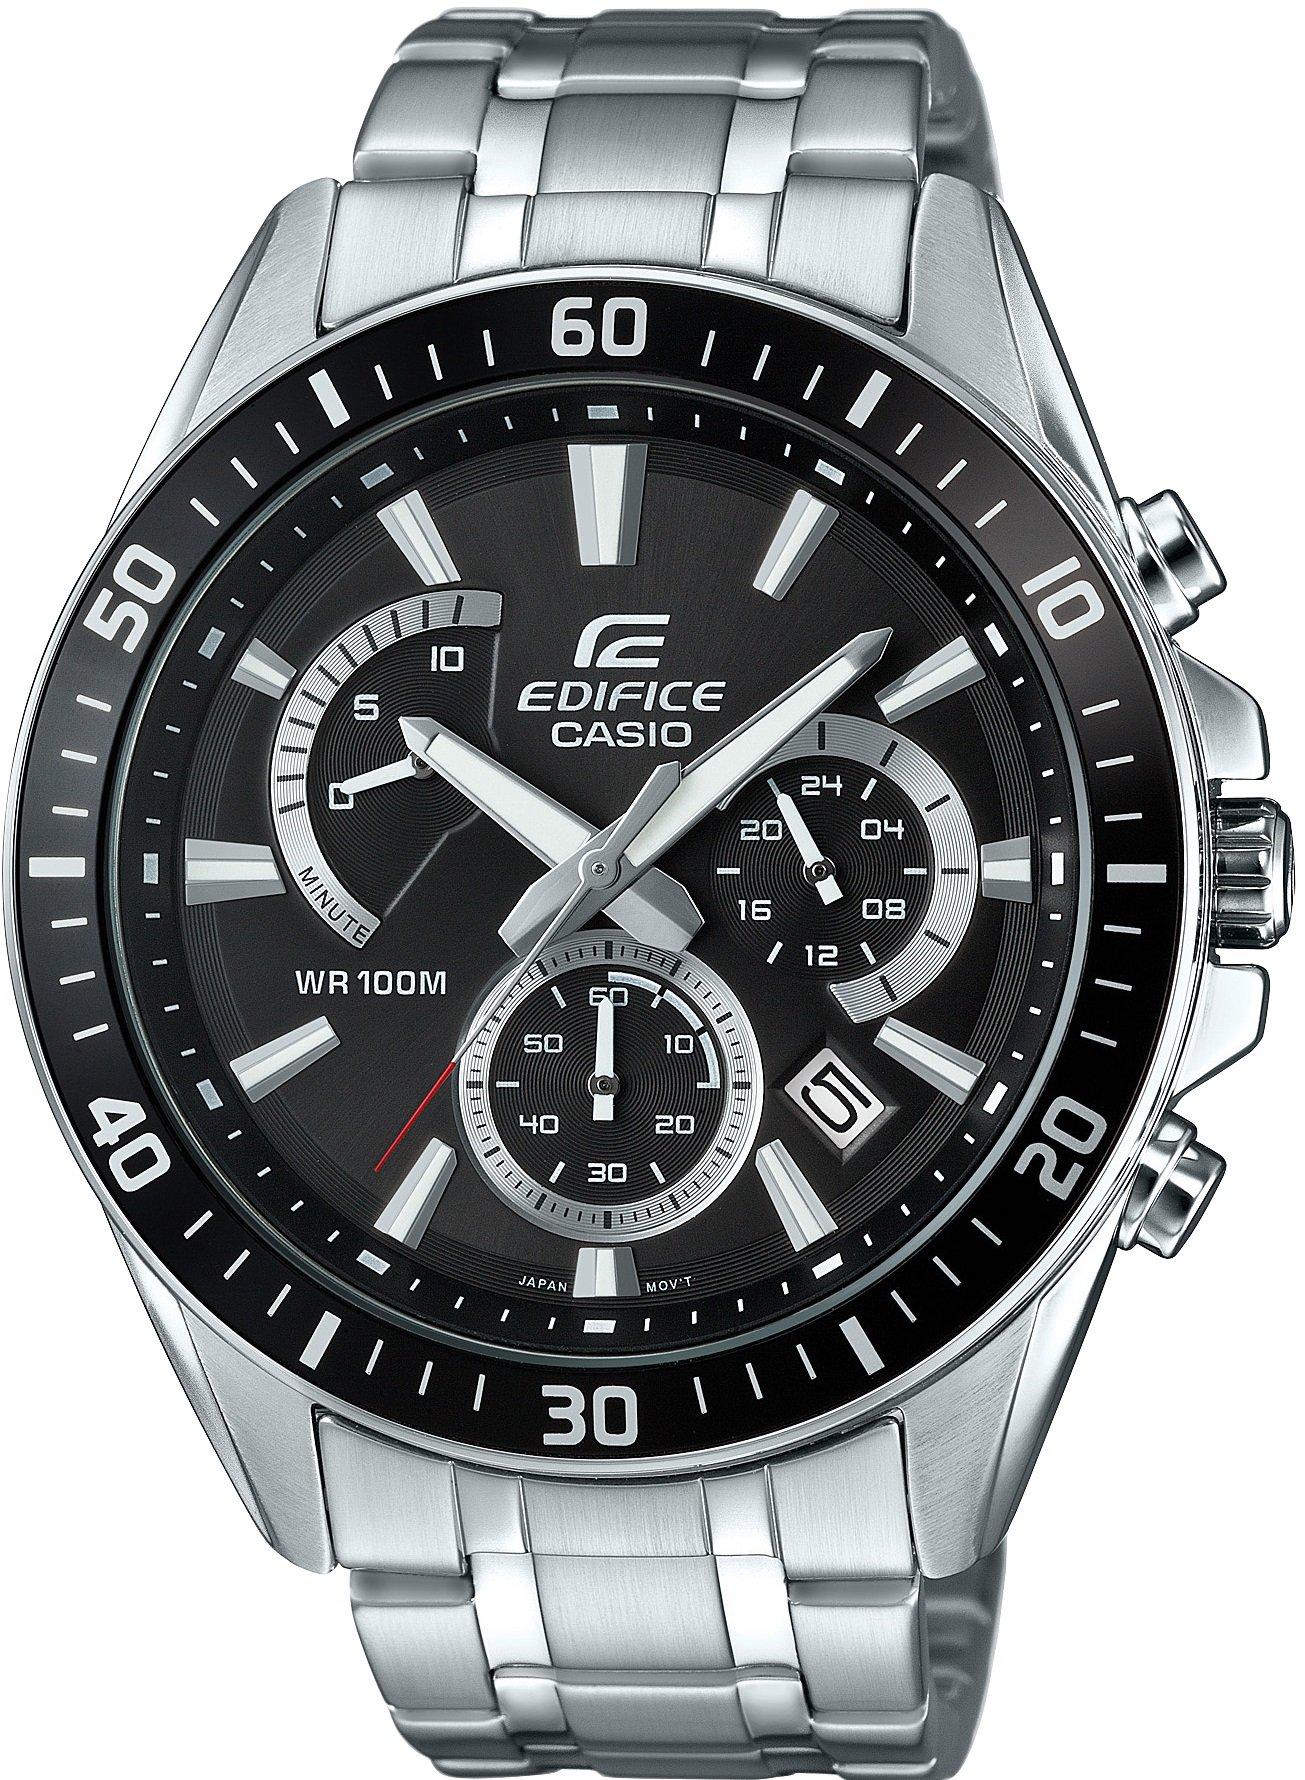 Casio EFR-552D-1A - купить наручные часы  цены, отзывы ... e12d811c40c